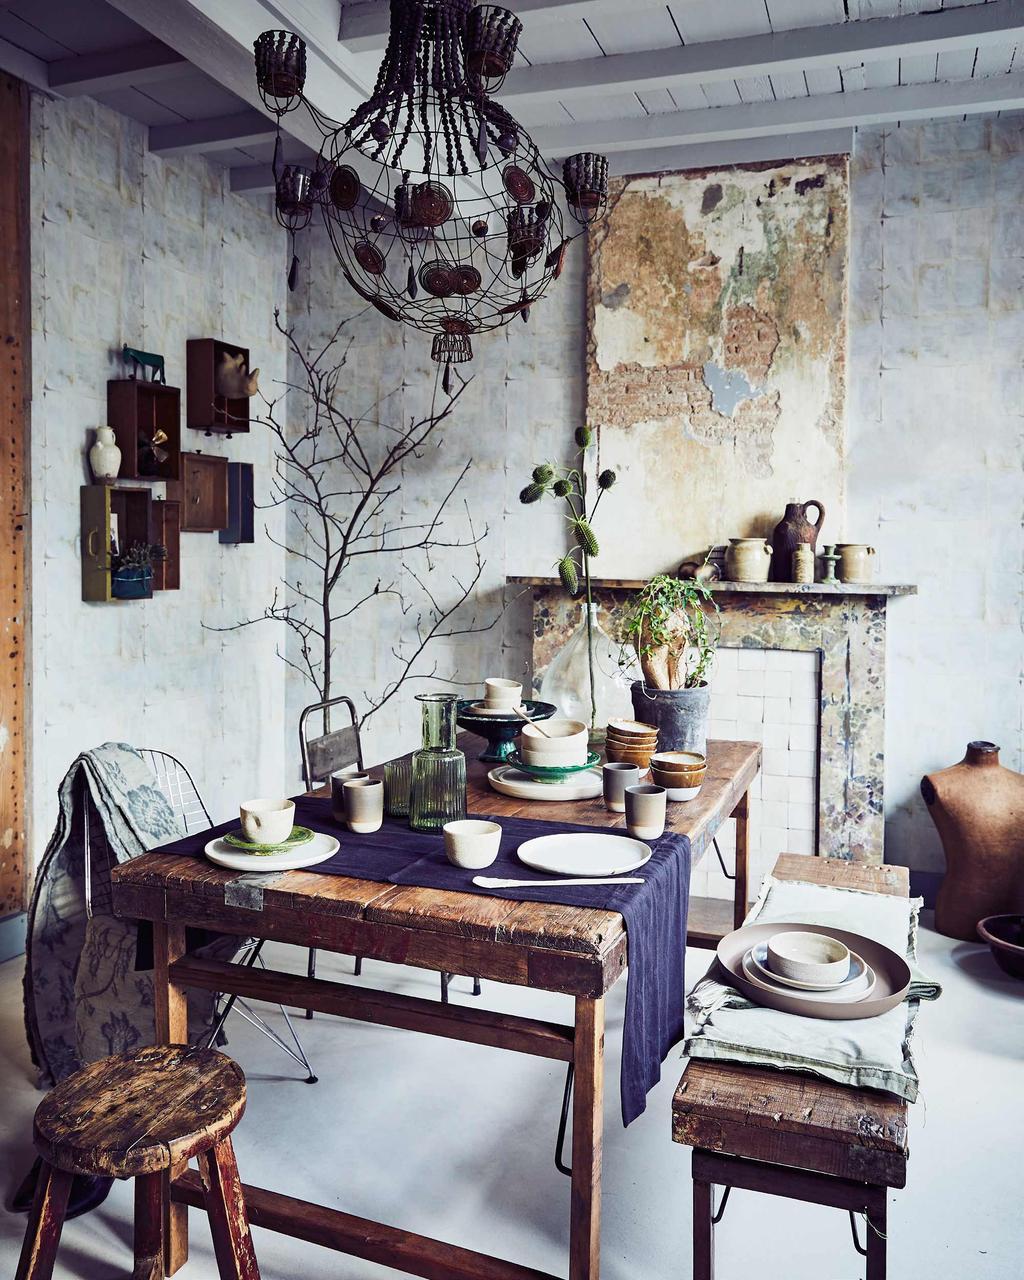 Warm interieur met vintage eethoek met warme materialen en een betonnen muur